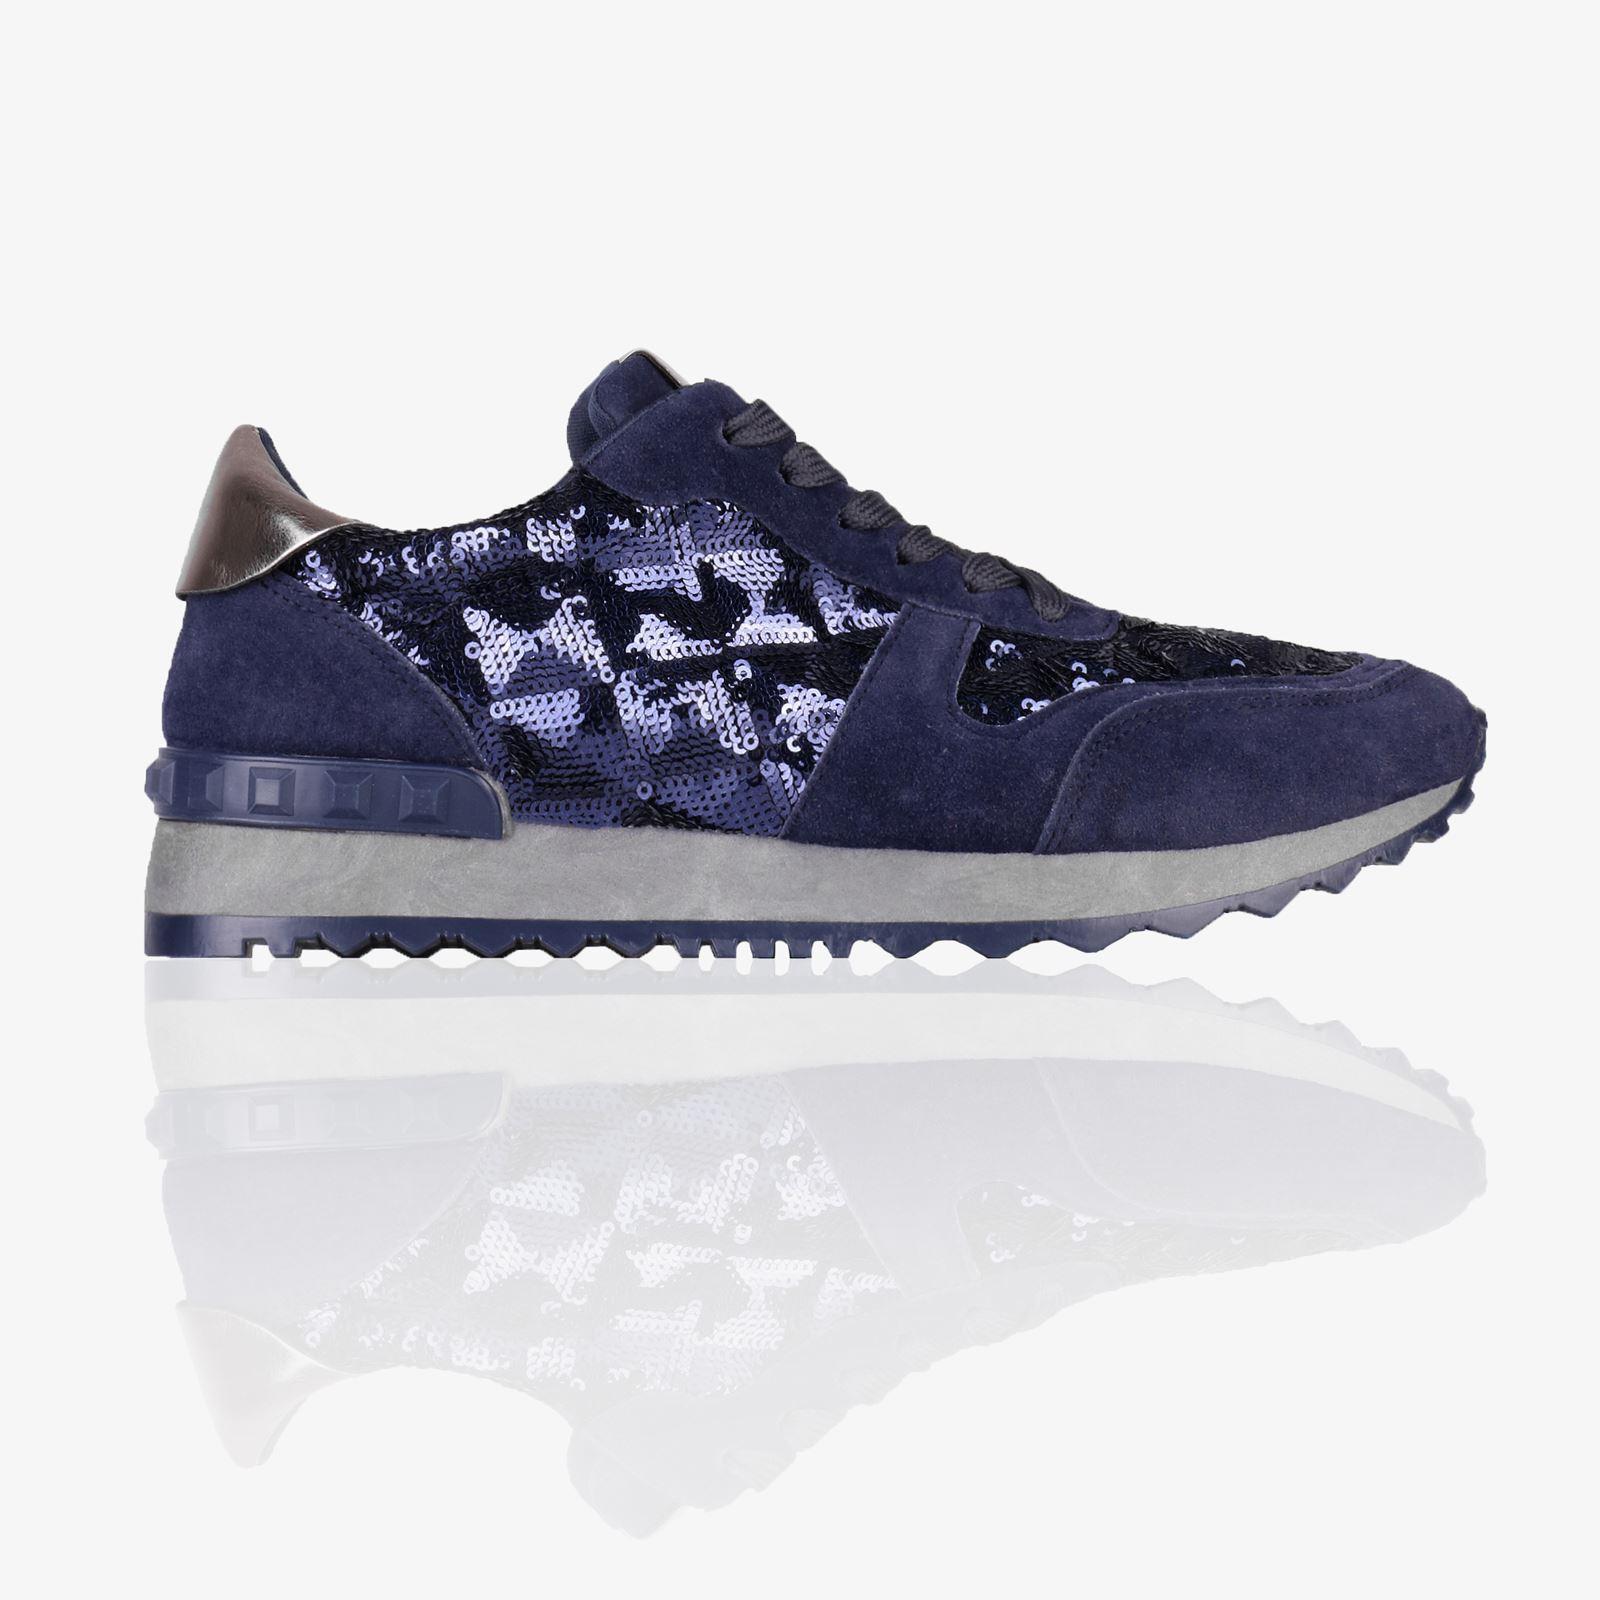 Womens Ladies Rock Stud Heel Sequin Trainers Light Flat Sneakers Sport Shoes 3-8